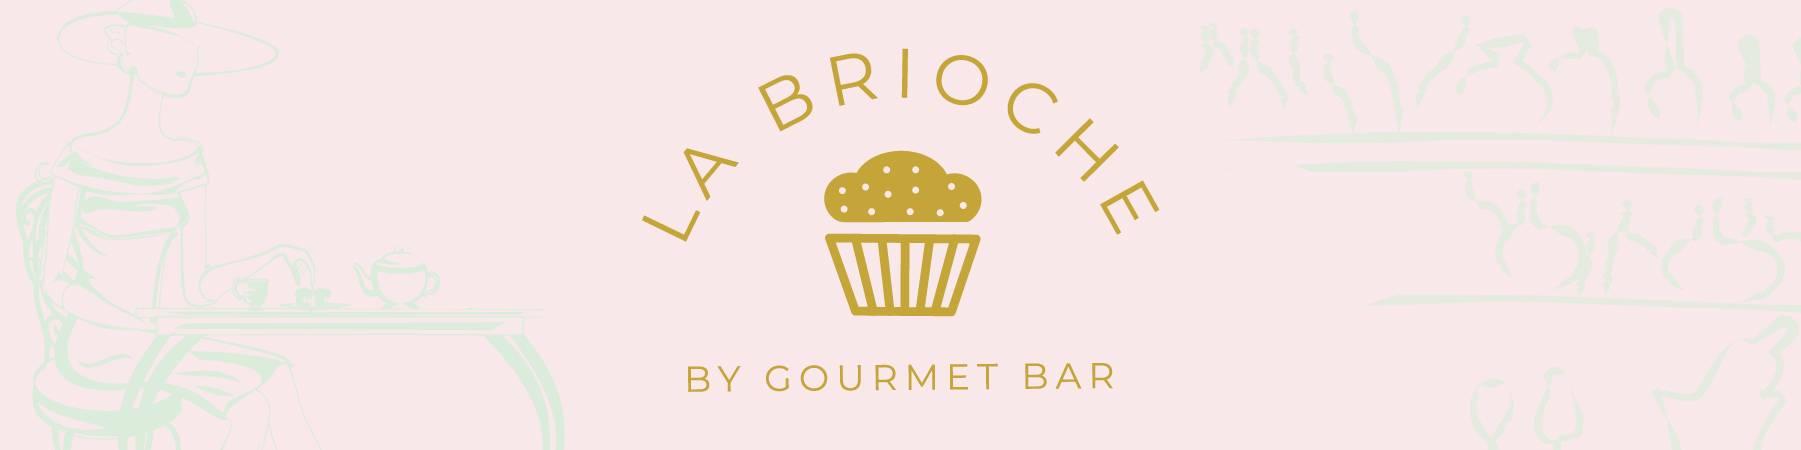 la-brioche-by-gourmet-bar